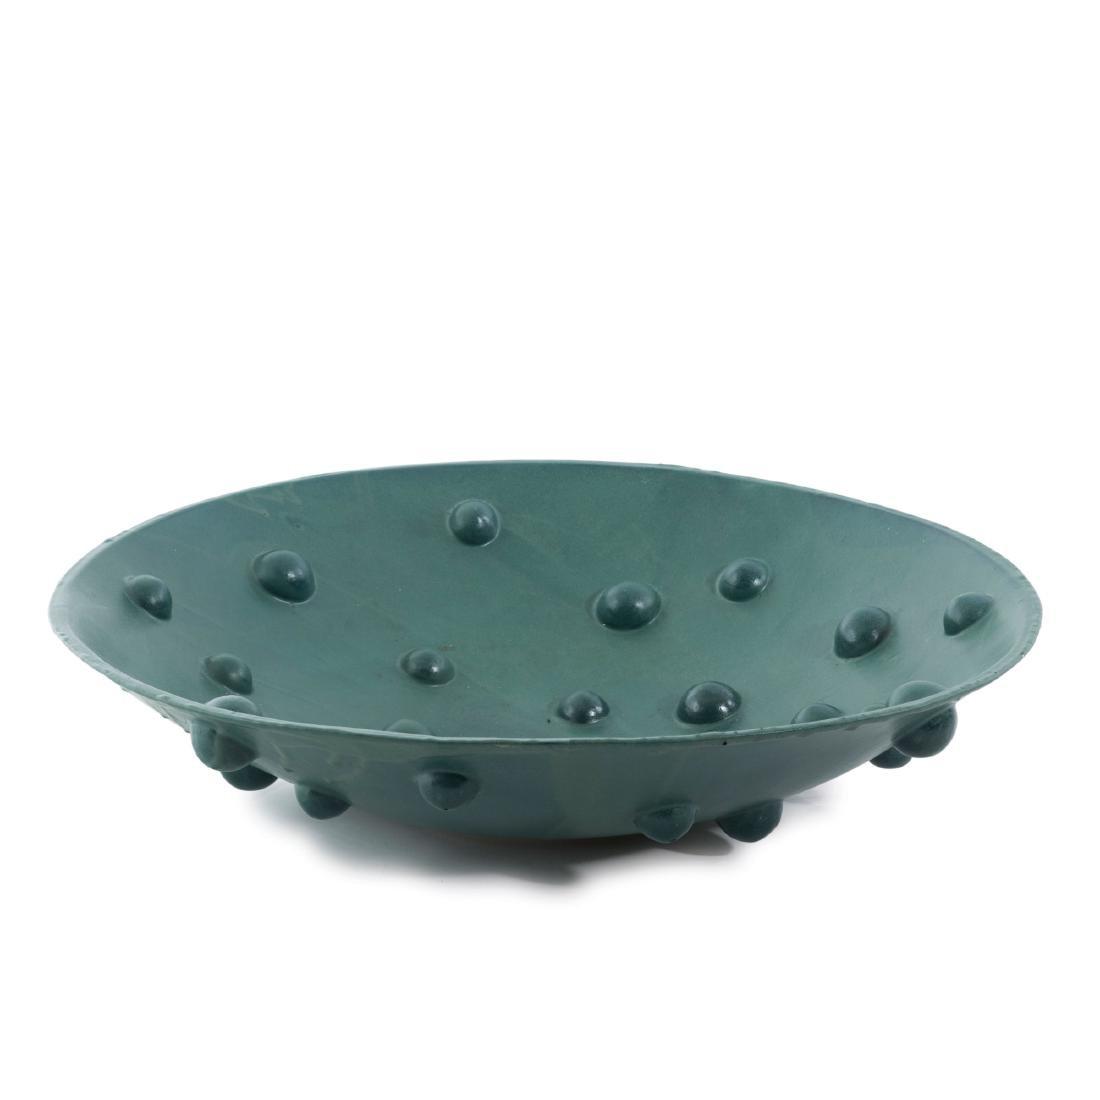 Large unicum 'Medusa' bowl, 1994